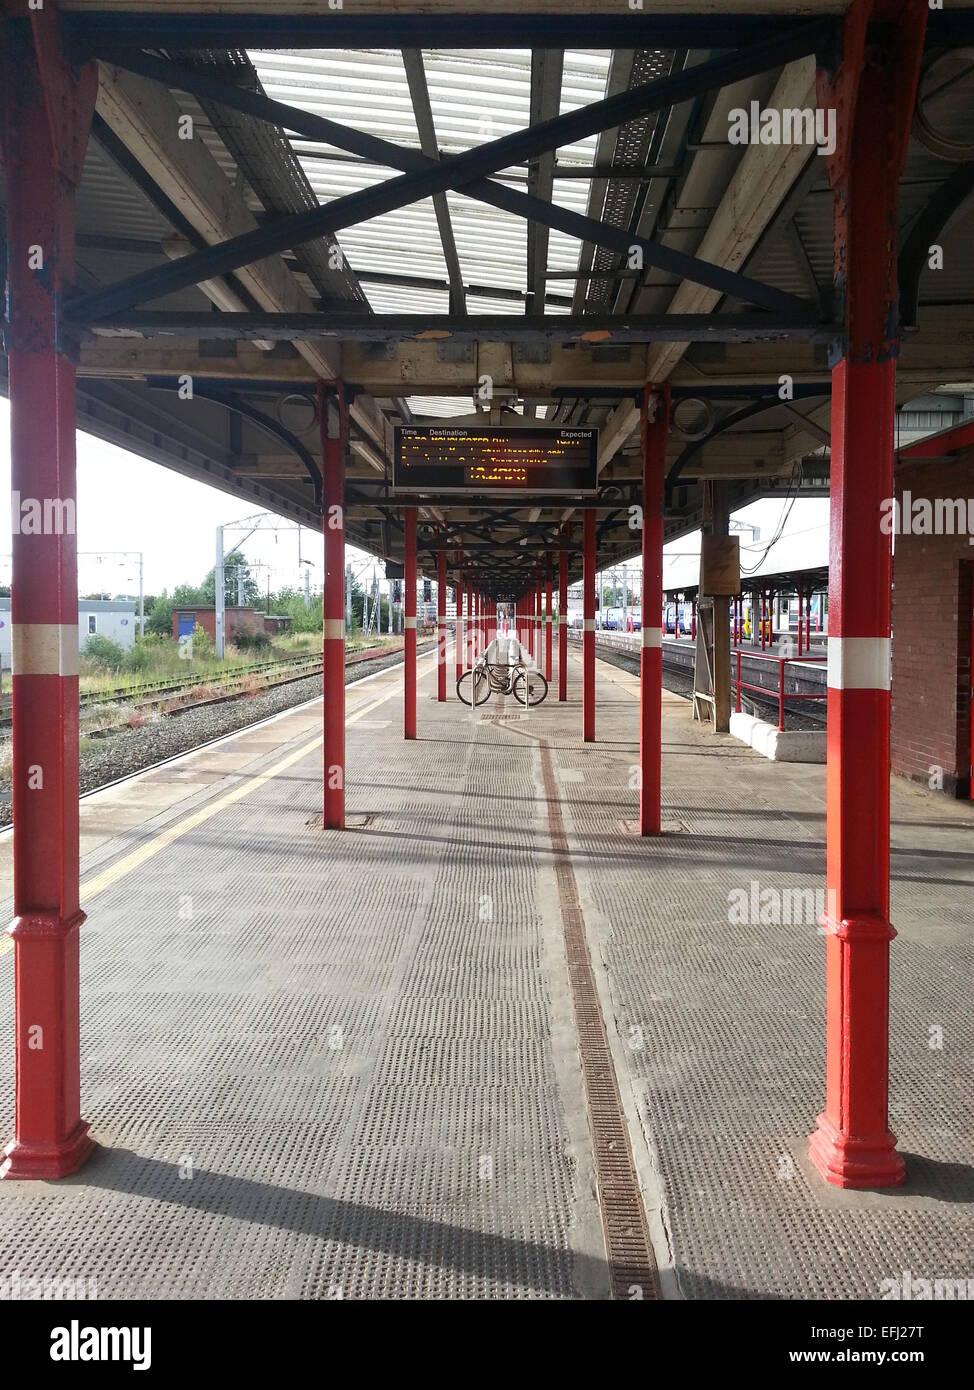 Stockport Train Station, Manchester, UK - Stock Image